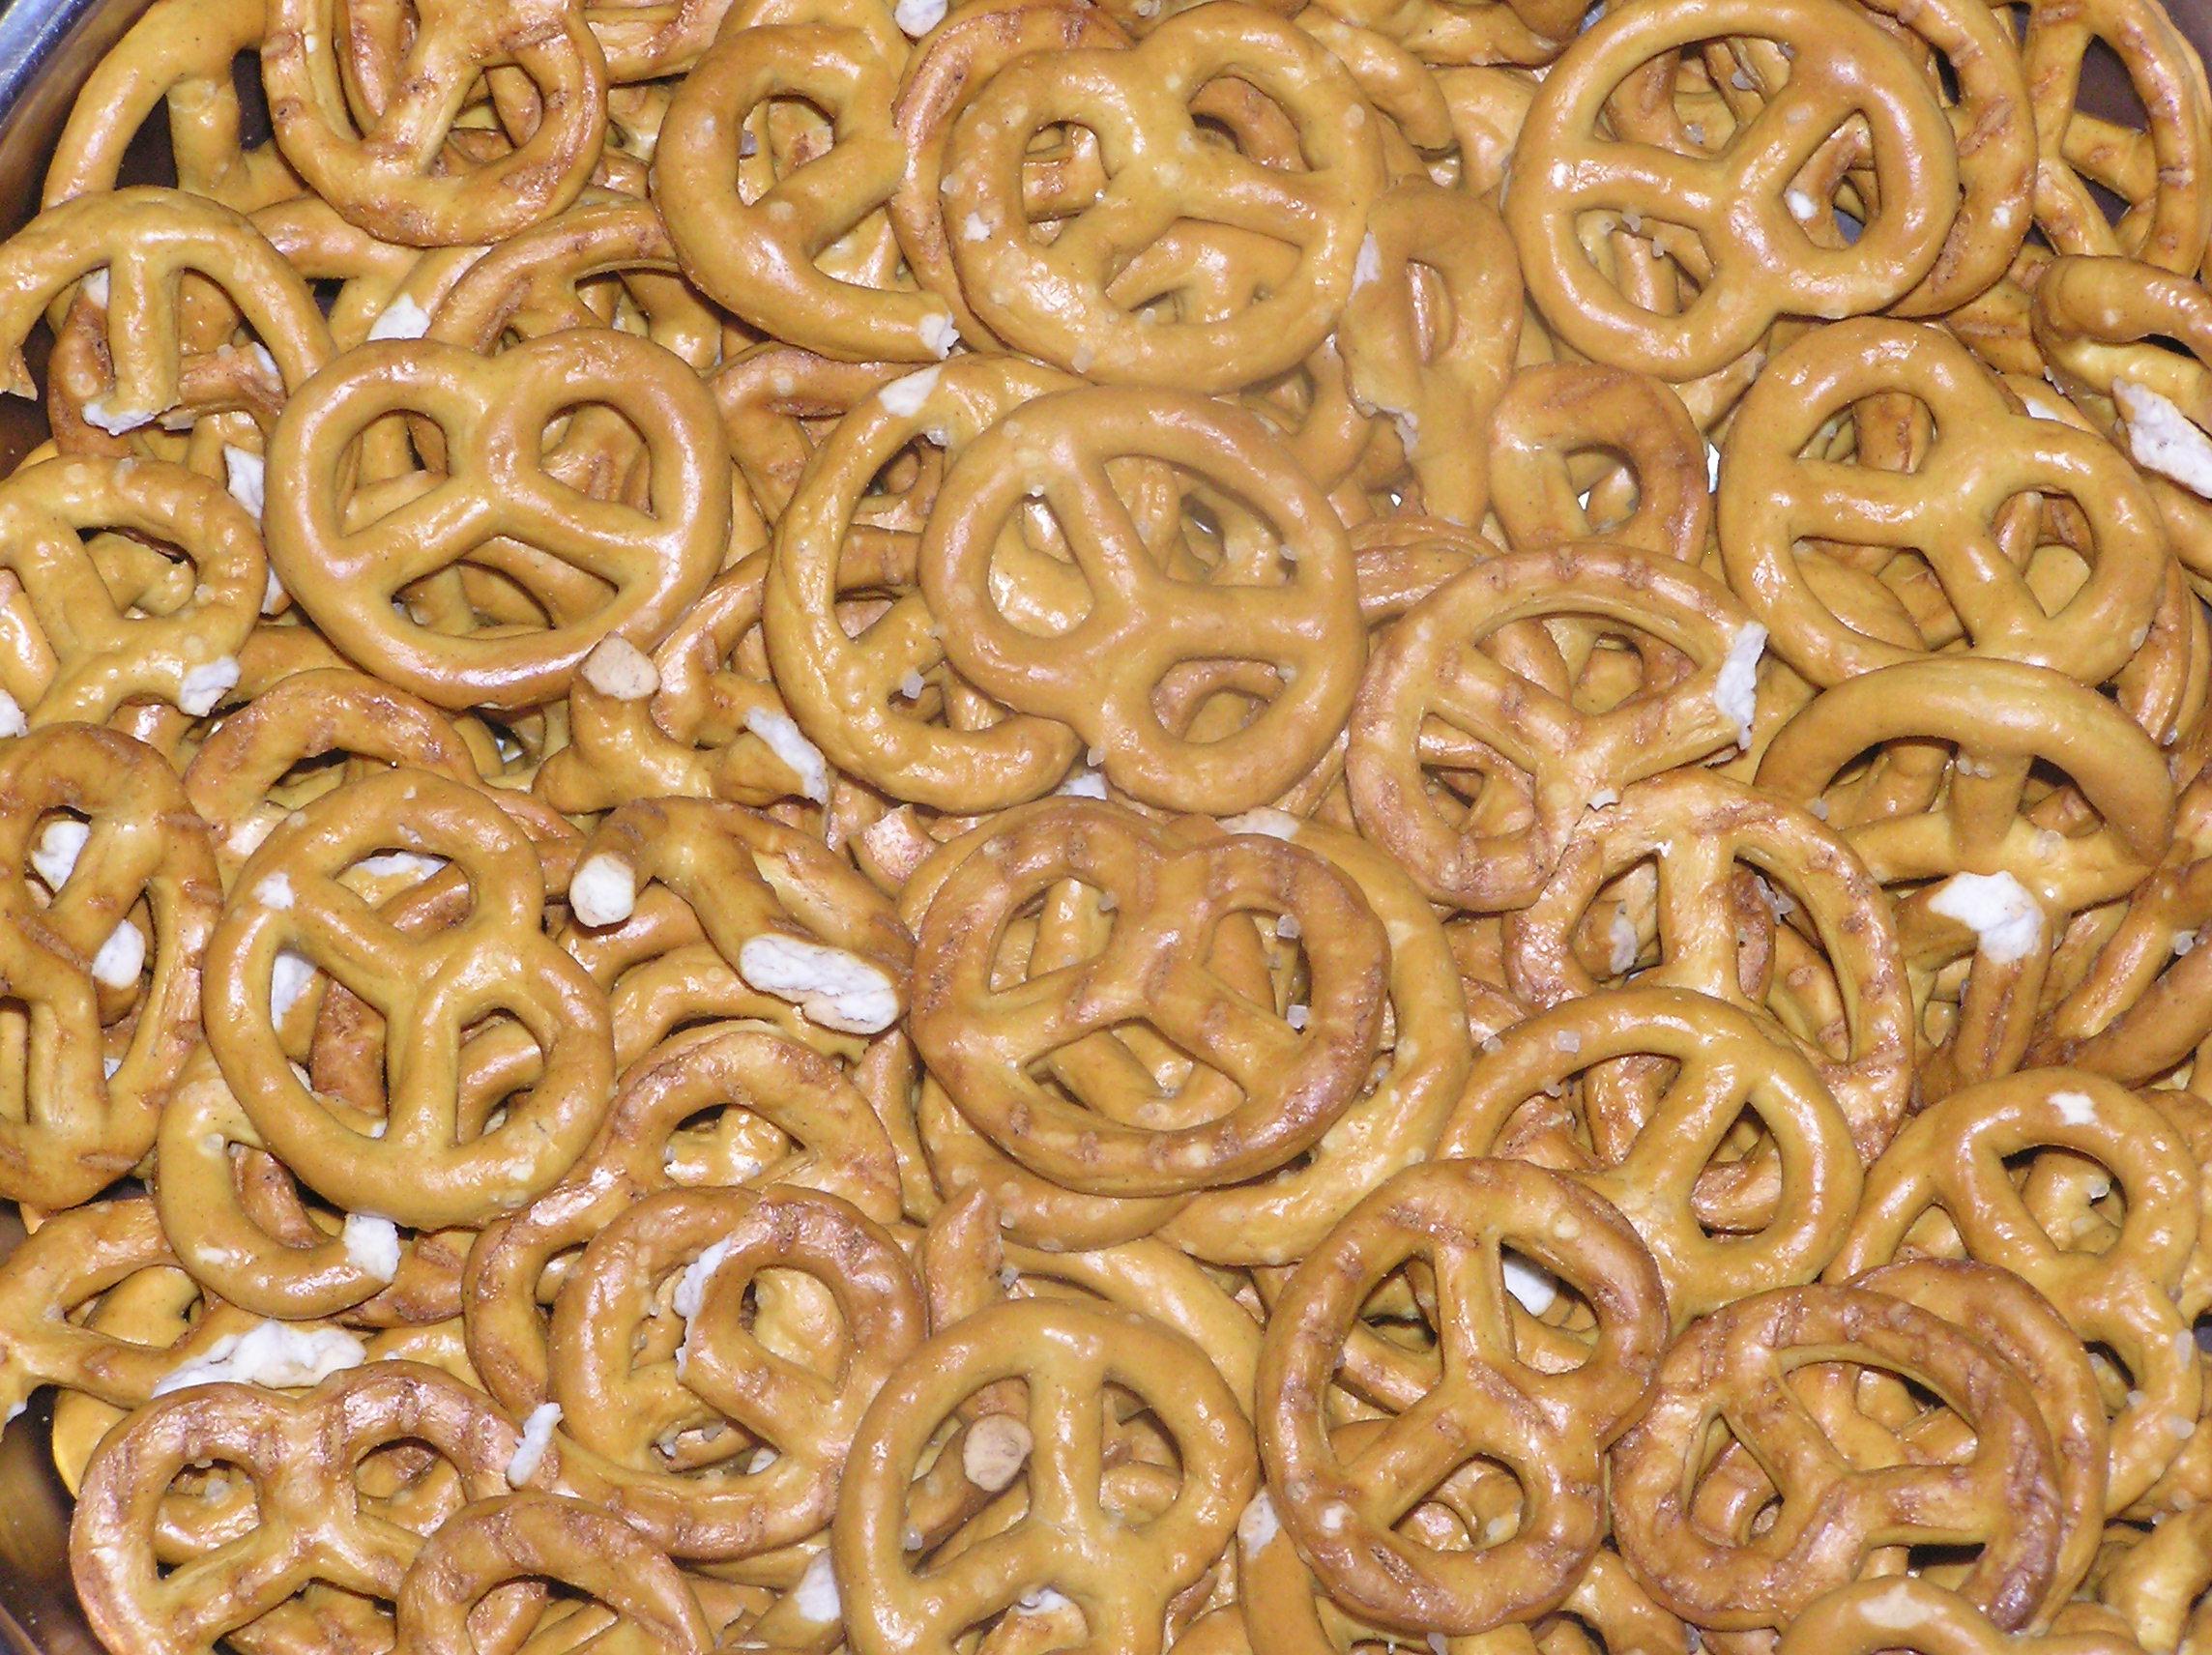 pretzels soft pretzels the boo birds pretzels christmas pretzels ...